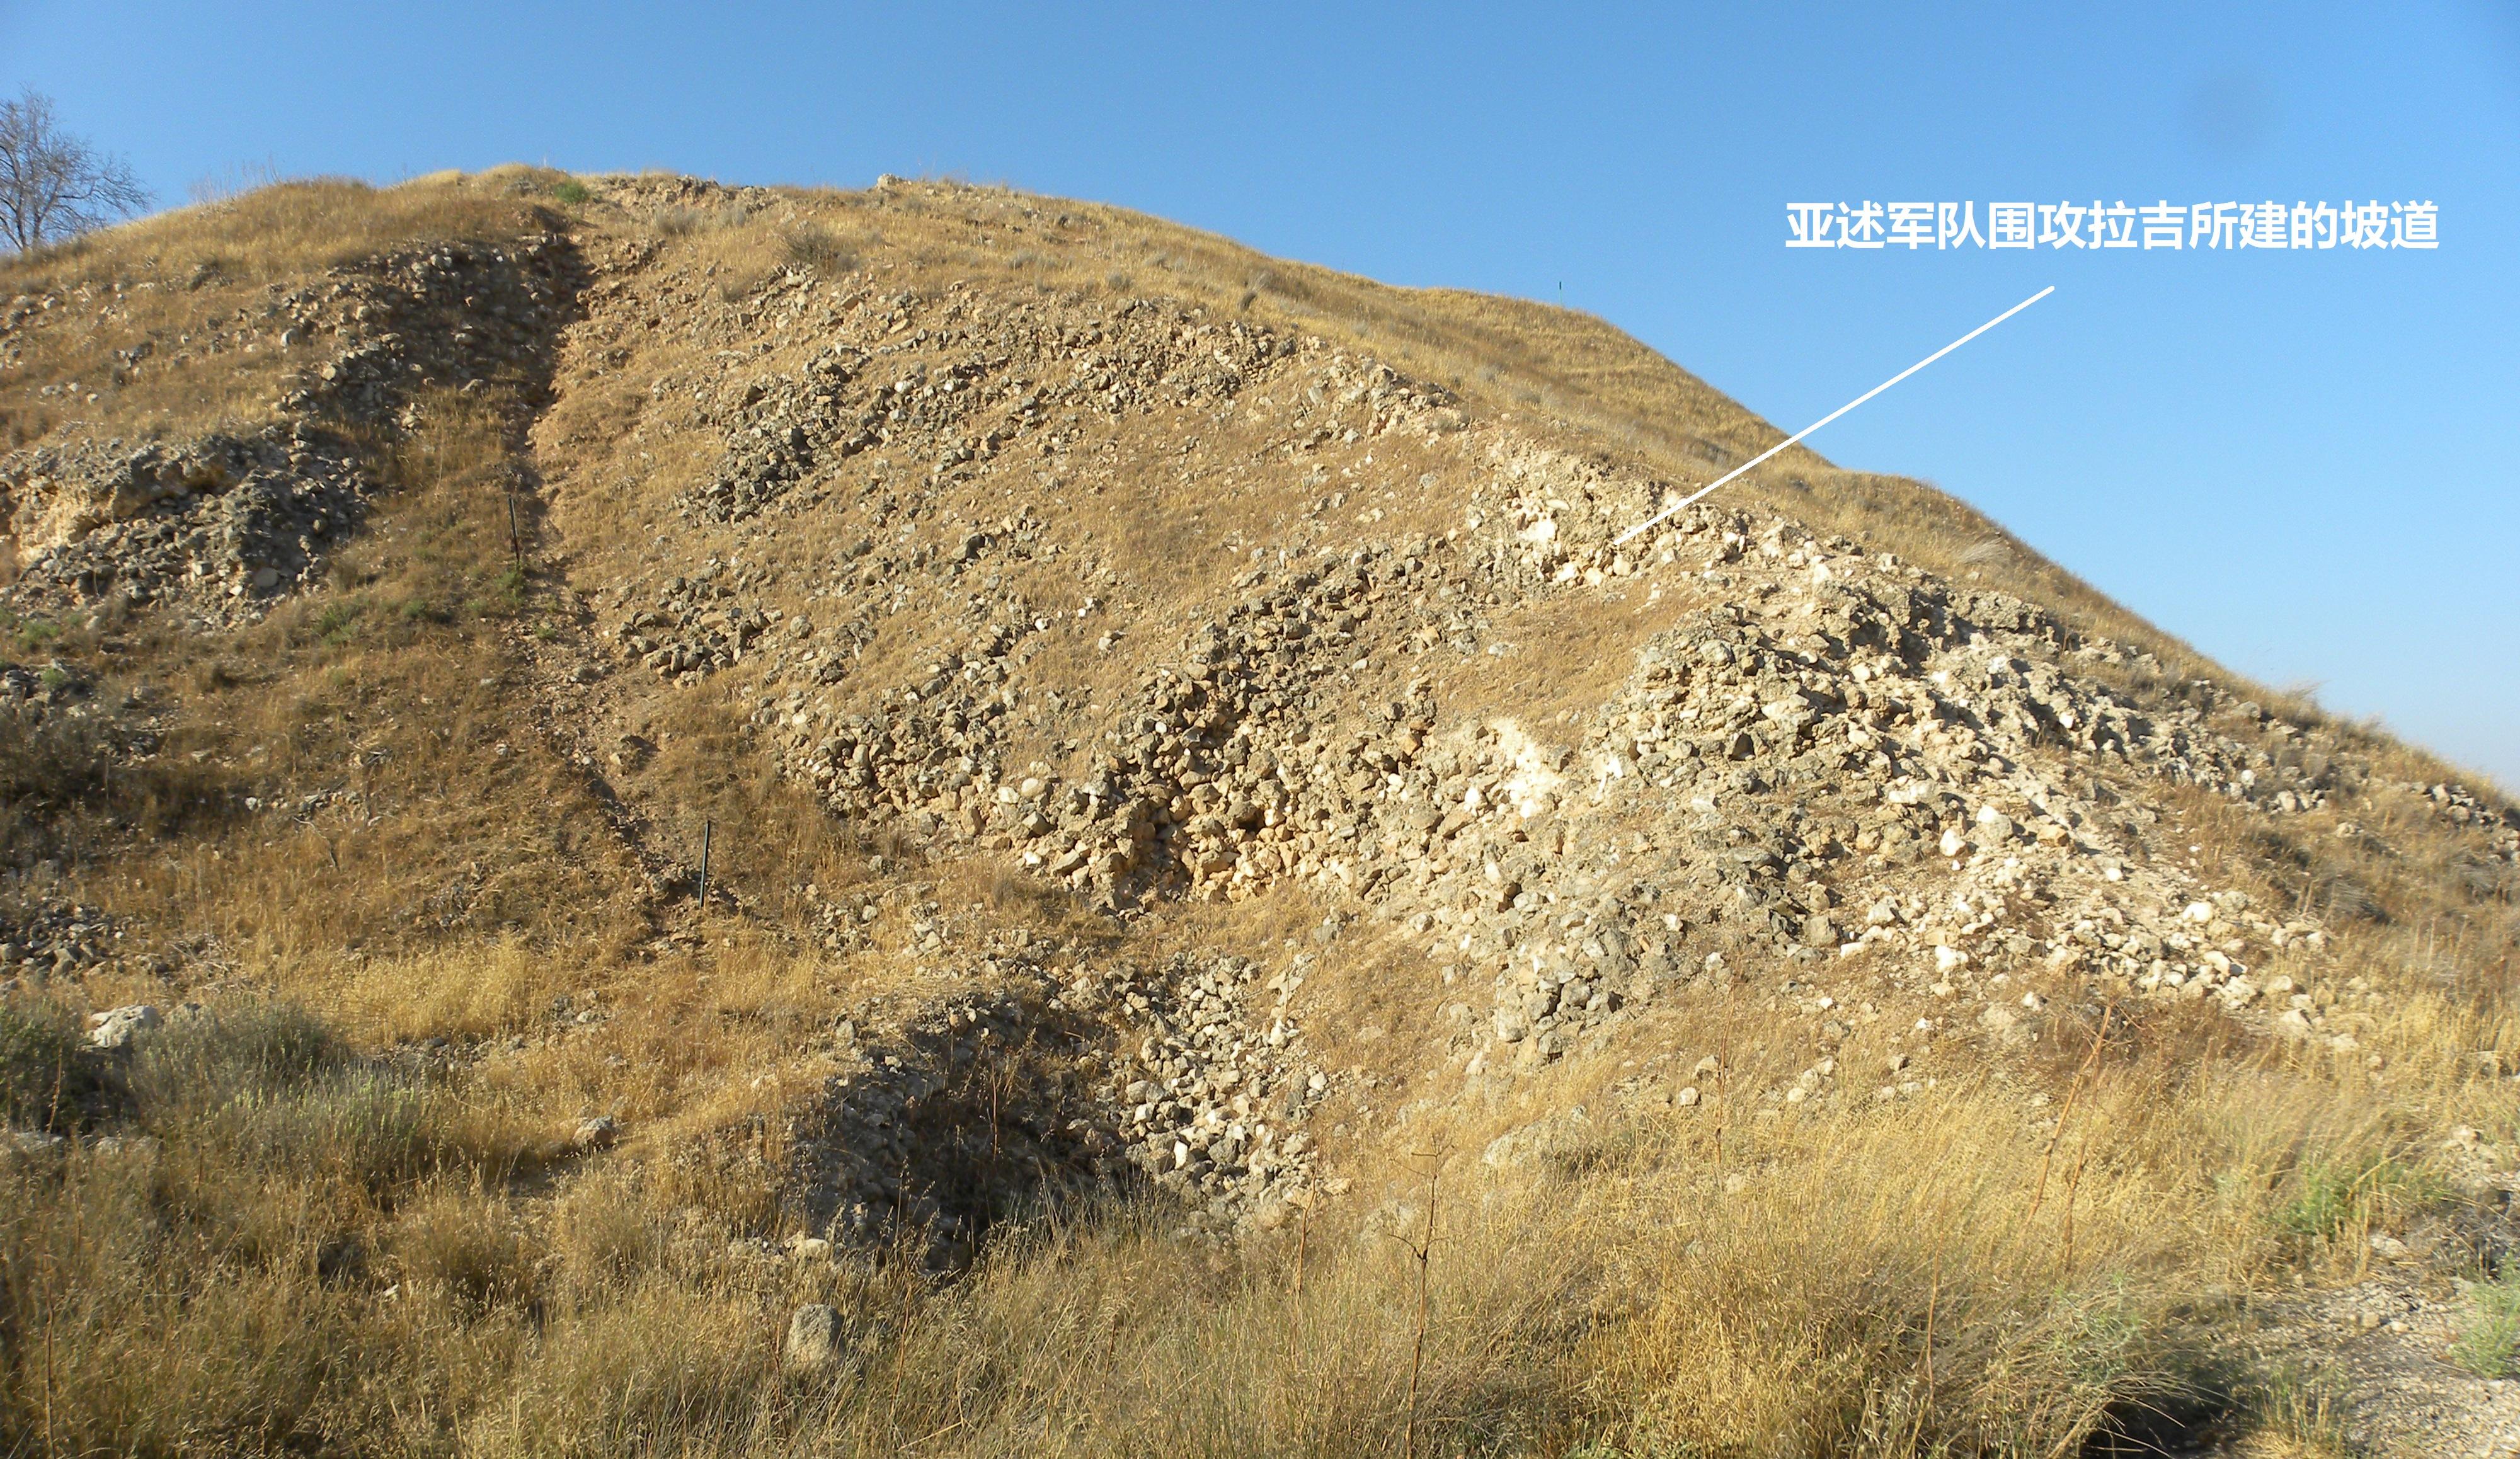 上图:主前8世纪,亚述军队围攻拉吉时所建的攻城坡道(Siege Ramp),坡道上挖出了许多攻守双方使用过的箭头、吊索、链子和石摆。后来罗马军队攻陷马萨大(Masada),也是使用了坡道。